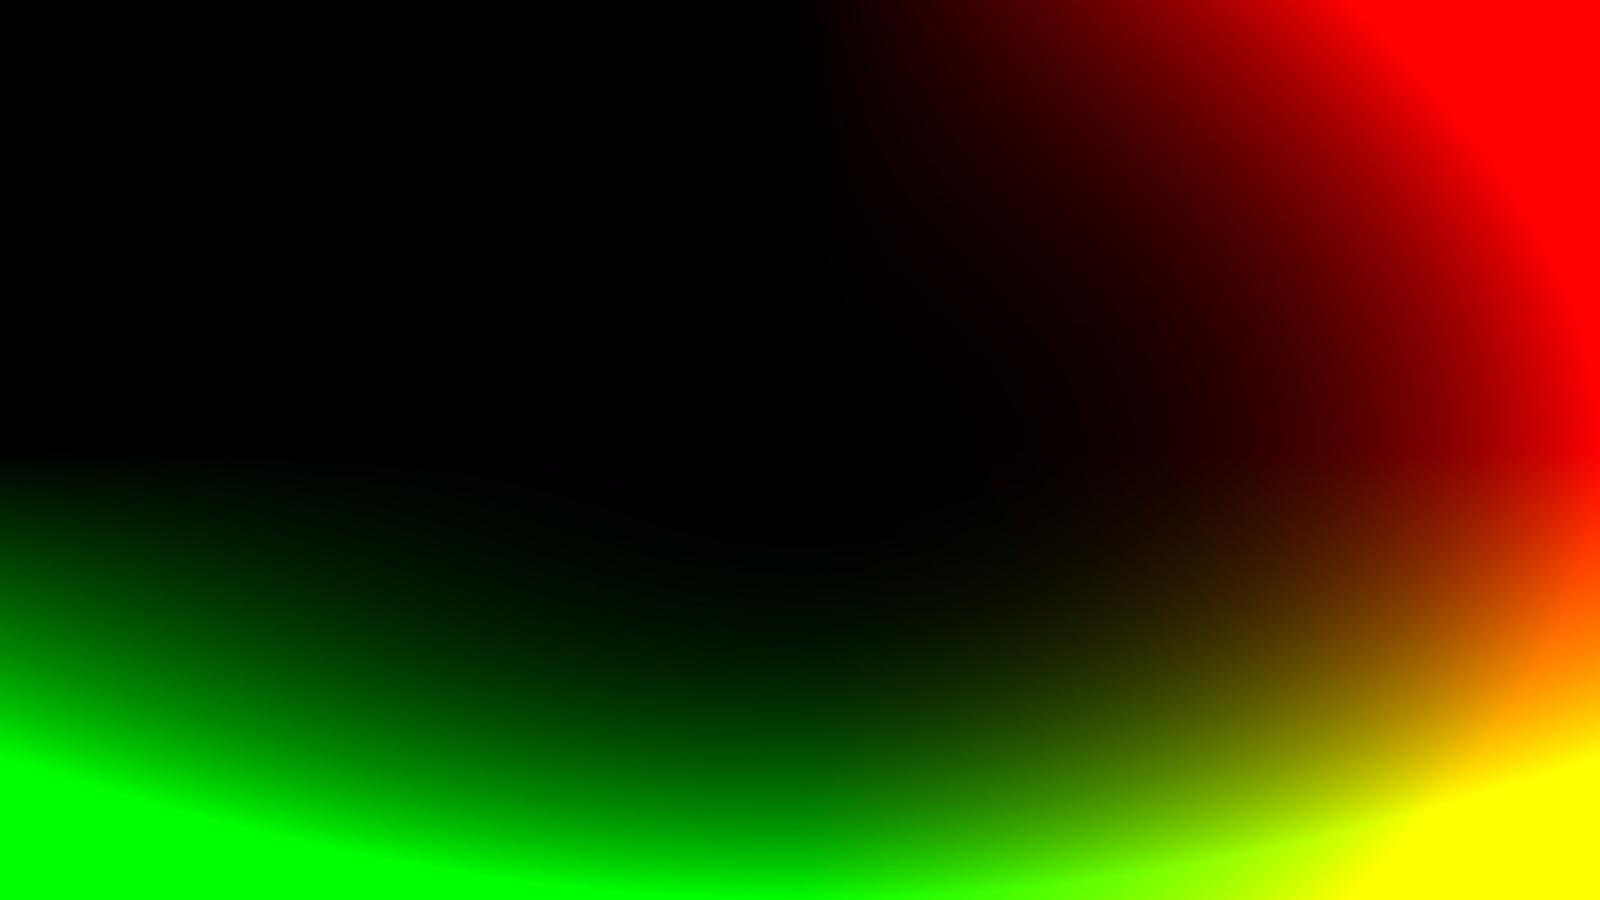 Как реализован рендеринг «Ведьмака 3»: молнии, ведьмачье чутьё и другие эффекты - 50